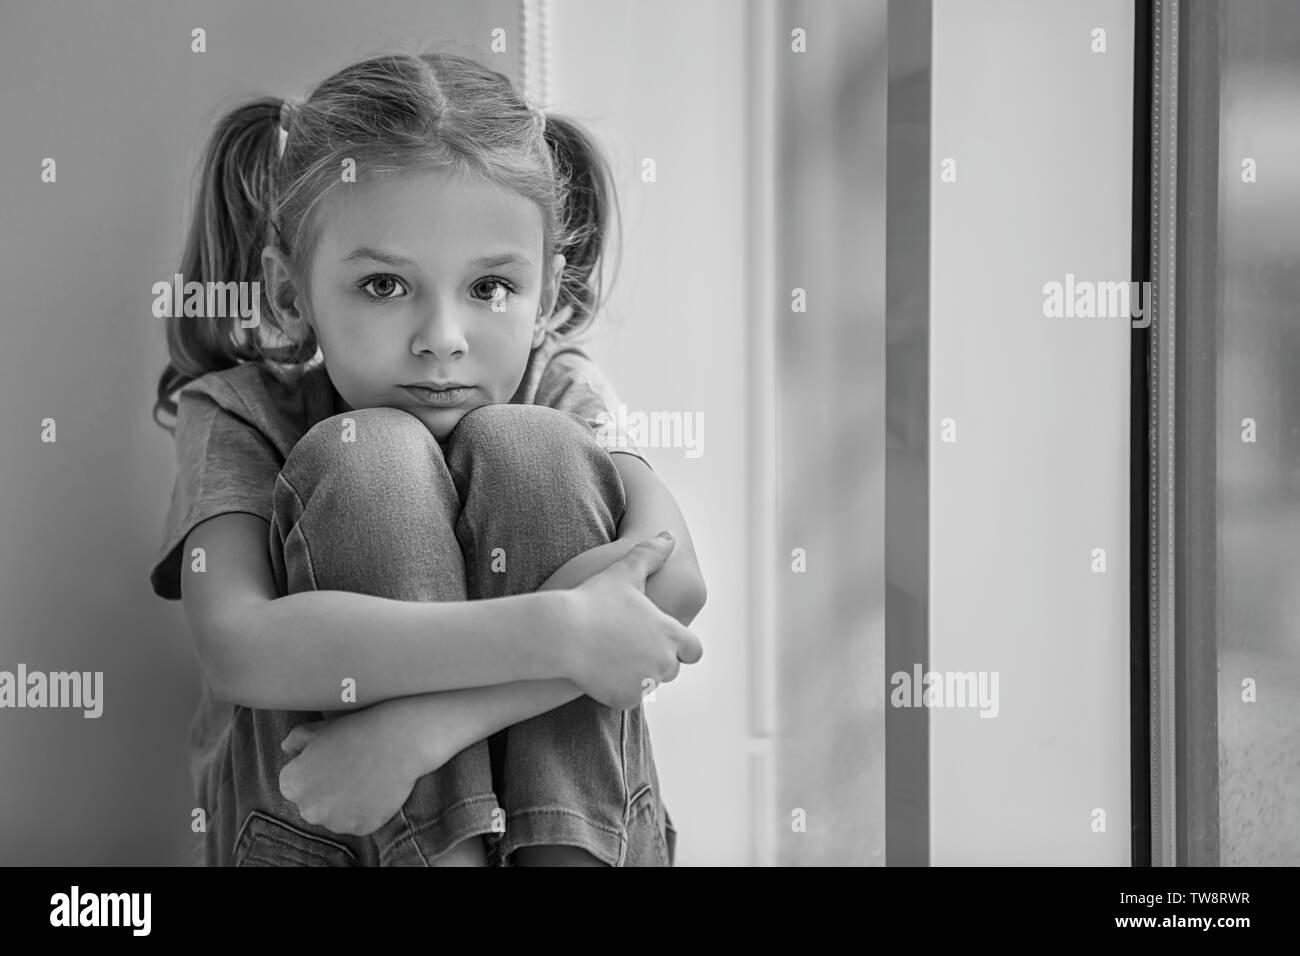 Trauriges kleines Mädchen saß auf der Fensterbank, Schwarzweiß-Effekt Stockbild